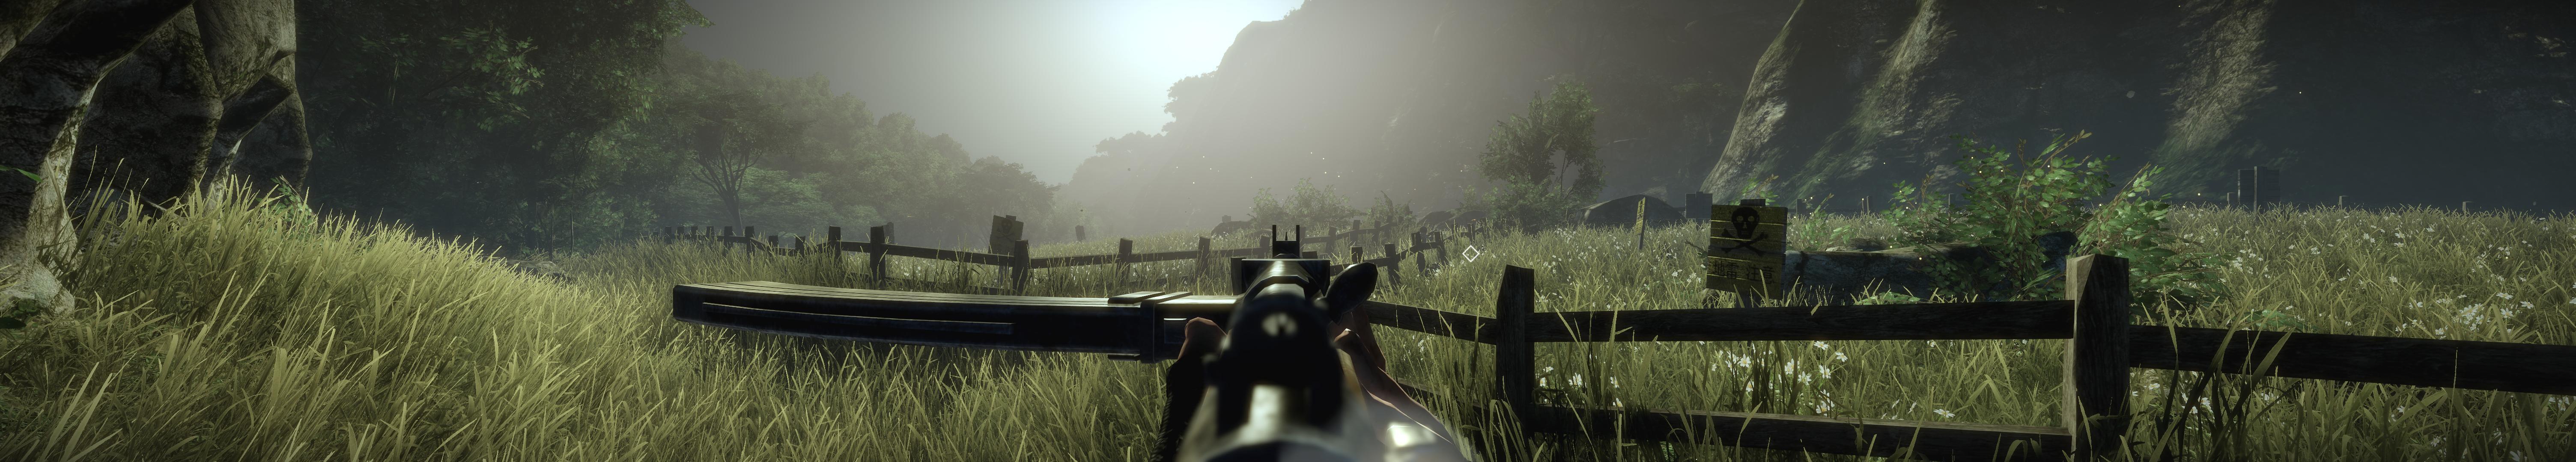 Battlefield BC 2 Eyefinity by MrAlexBad